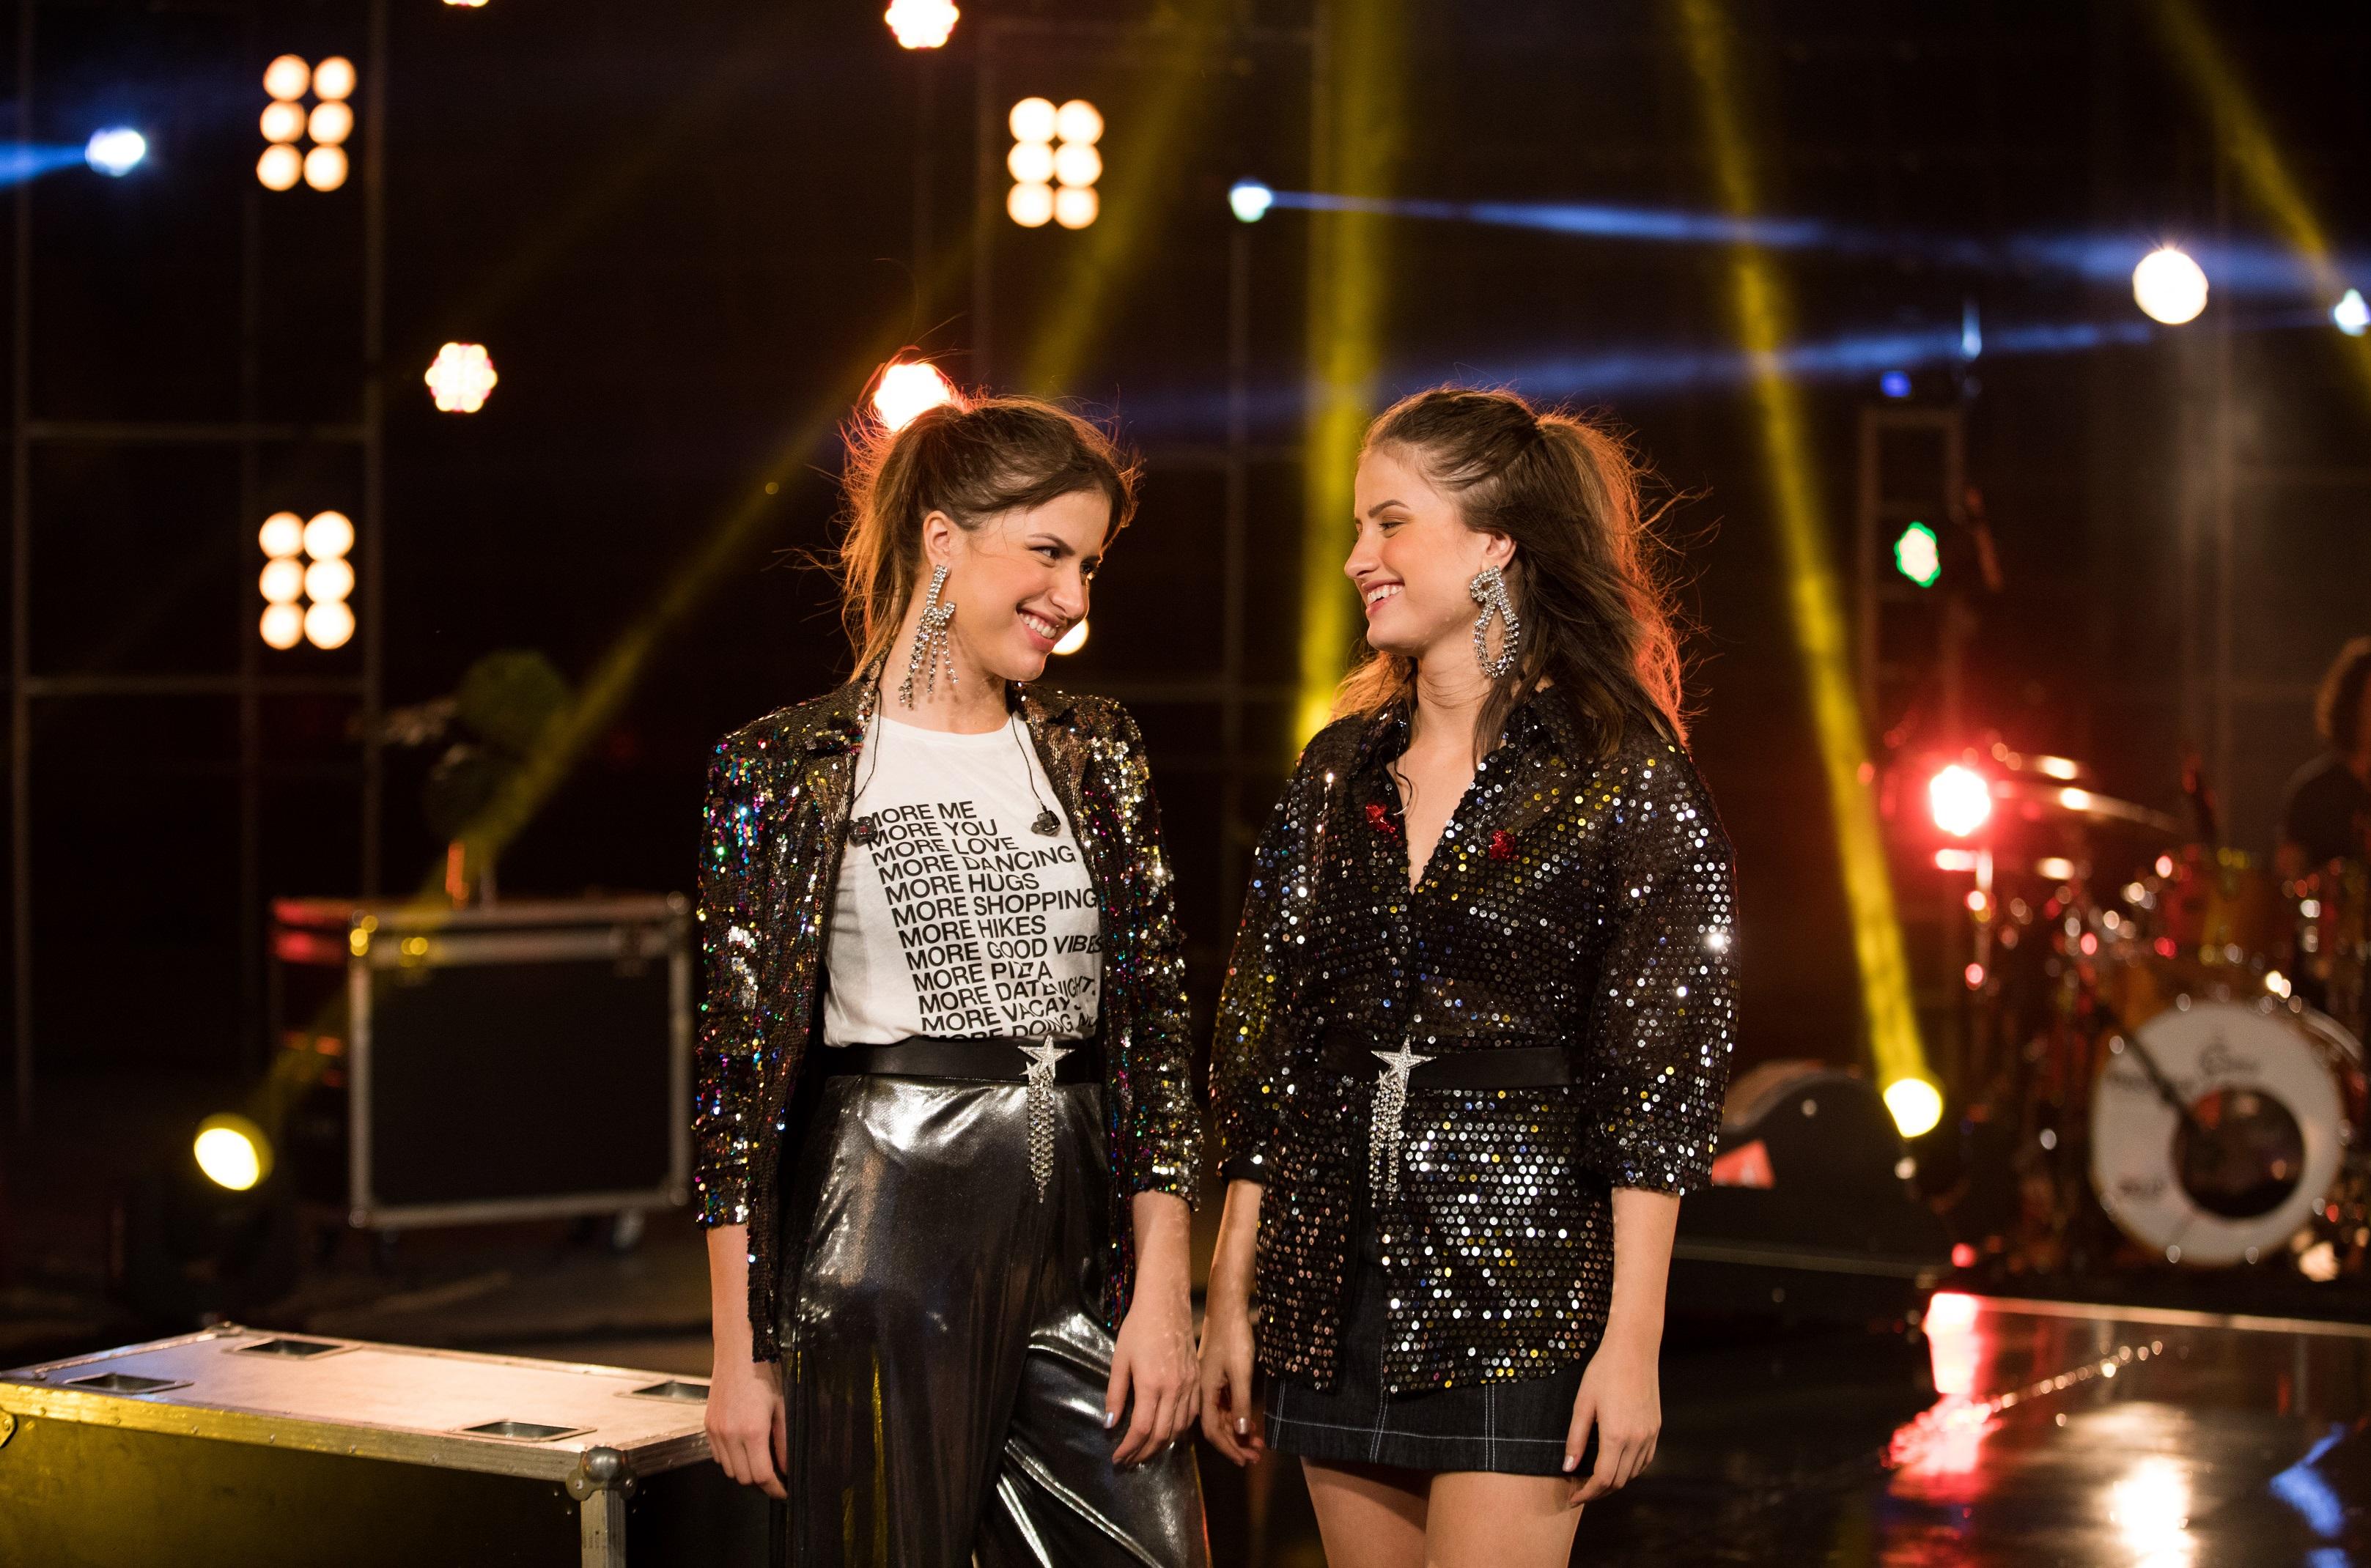 Dupla Júlia & Rafaela está entre as atrações inéditas do Aparecida Sertaneja desta terça-feira 41